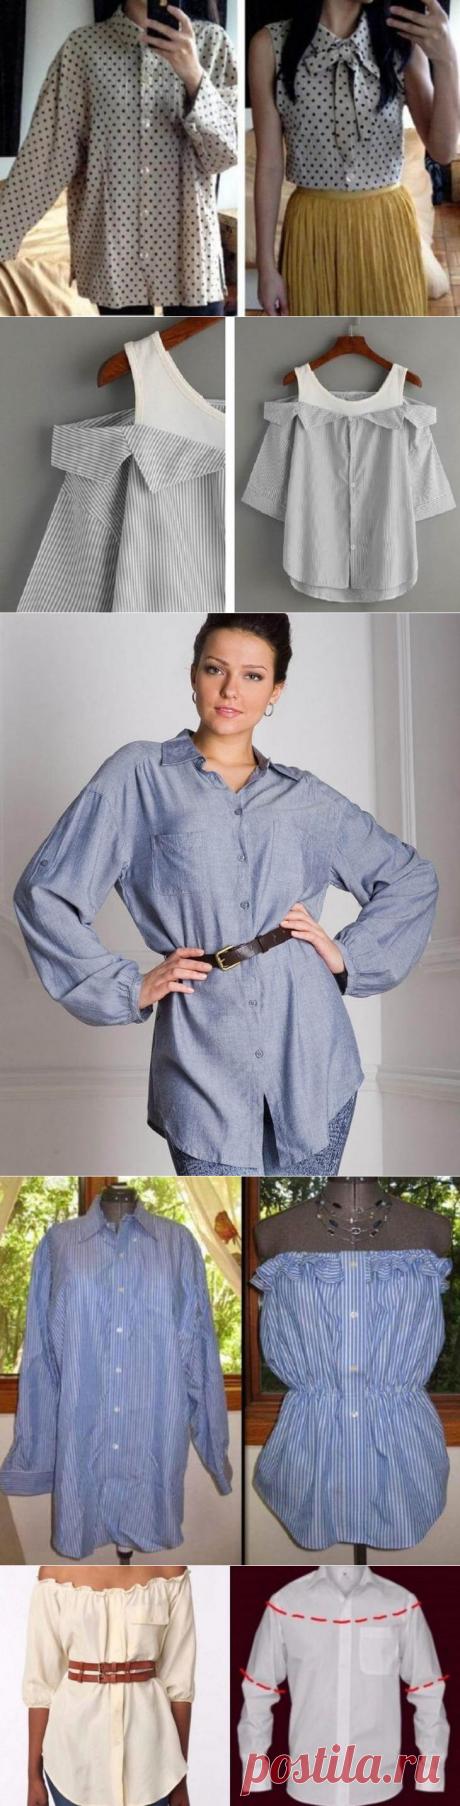 Стильные блузки из старой мужской рубашки | Тысяча и одна идея